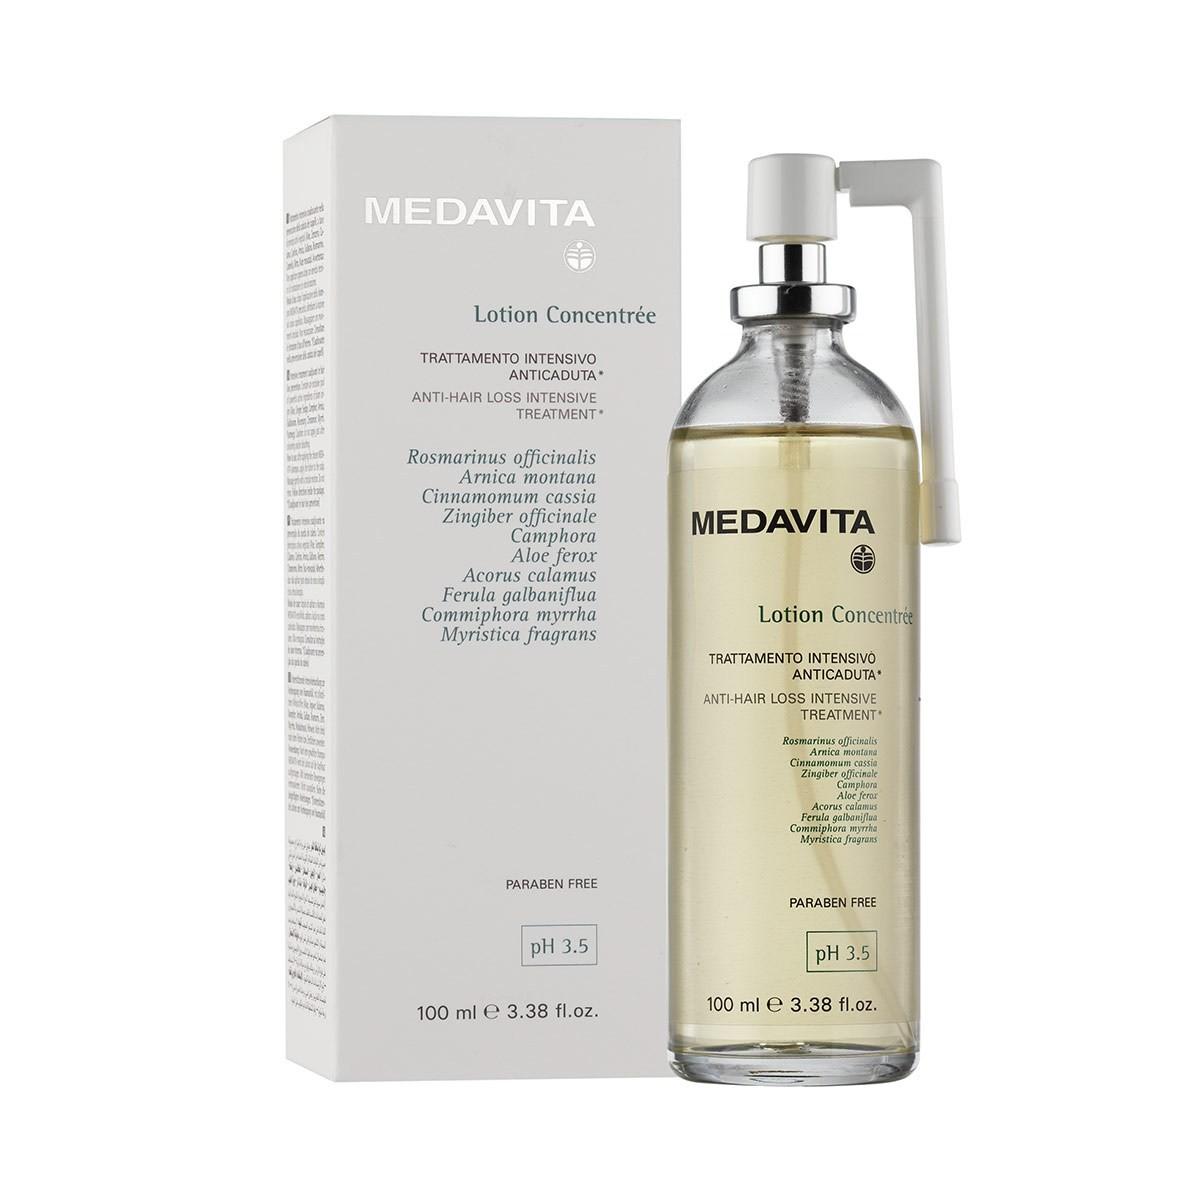 MEDAVITA LC Trattamento Intensivo Anticaduta 100ml - Tonik lotion przeciw wypadaniu włosów